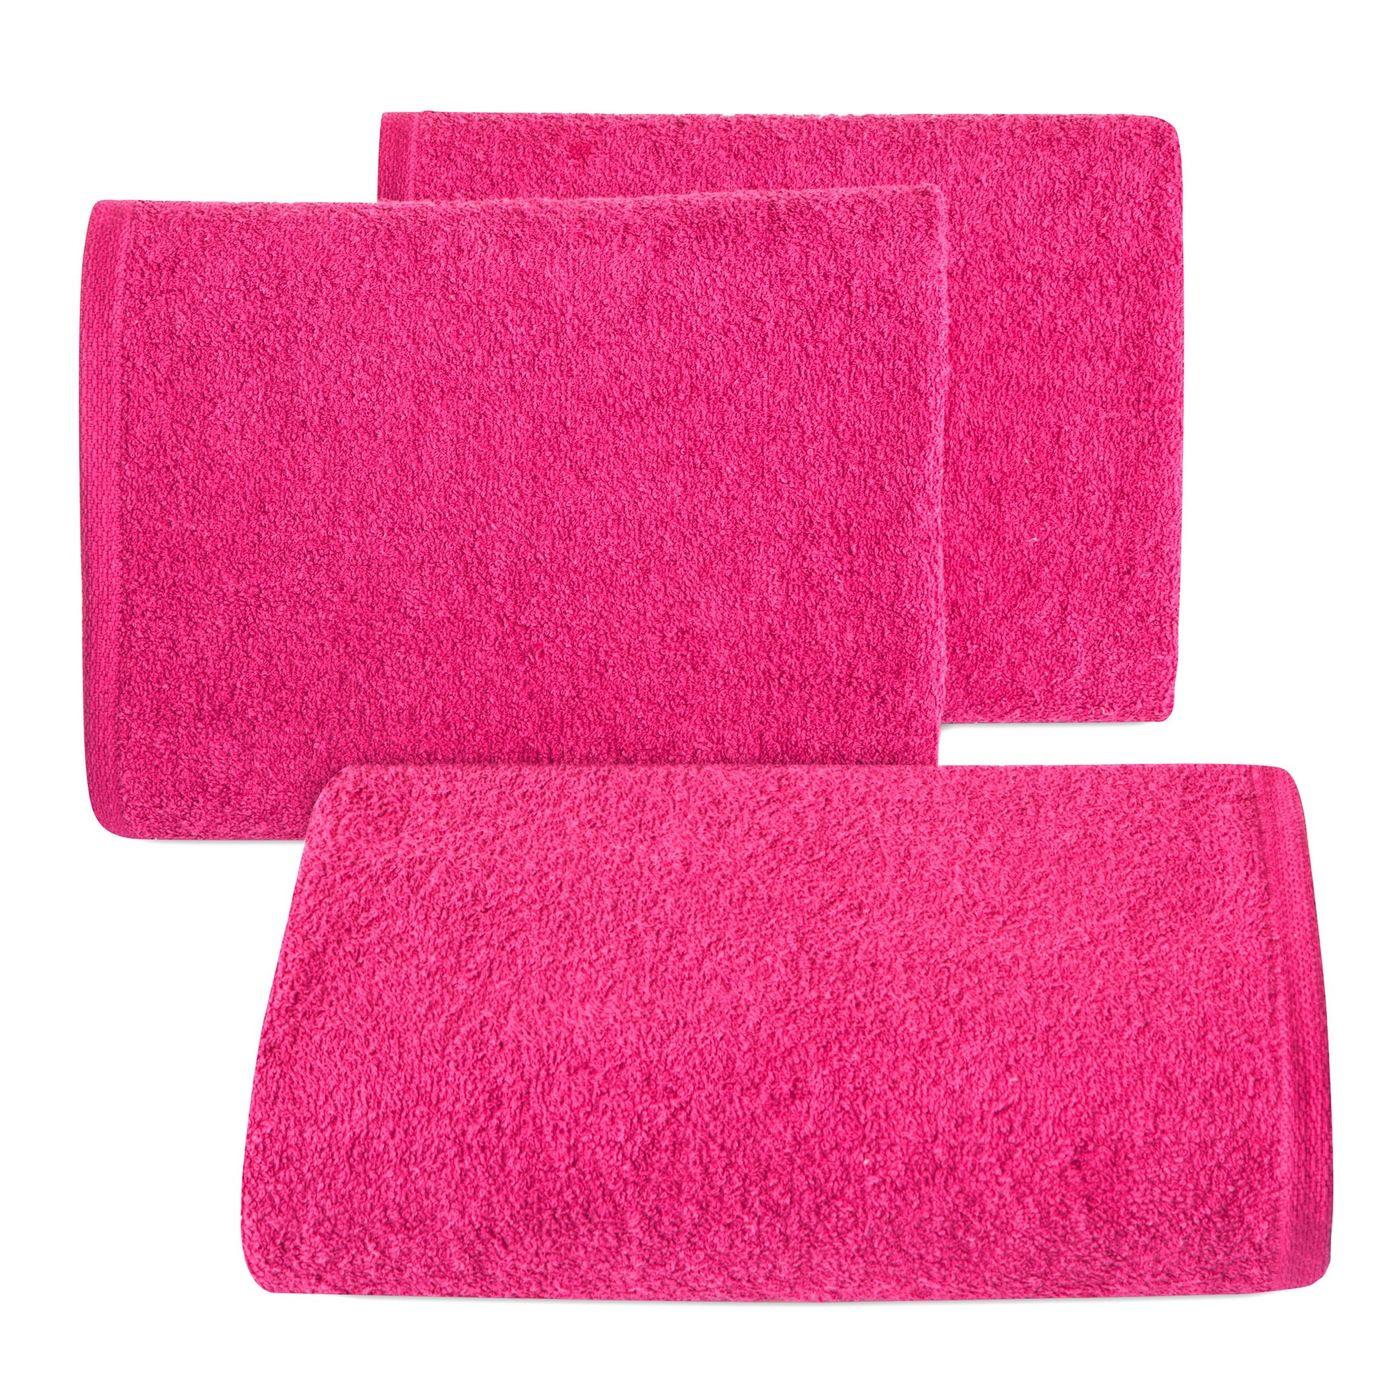 Ręcznik bawełniany gładki amarantowy 30x50 cm